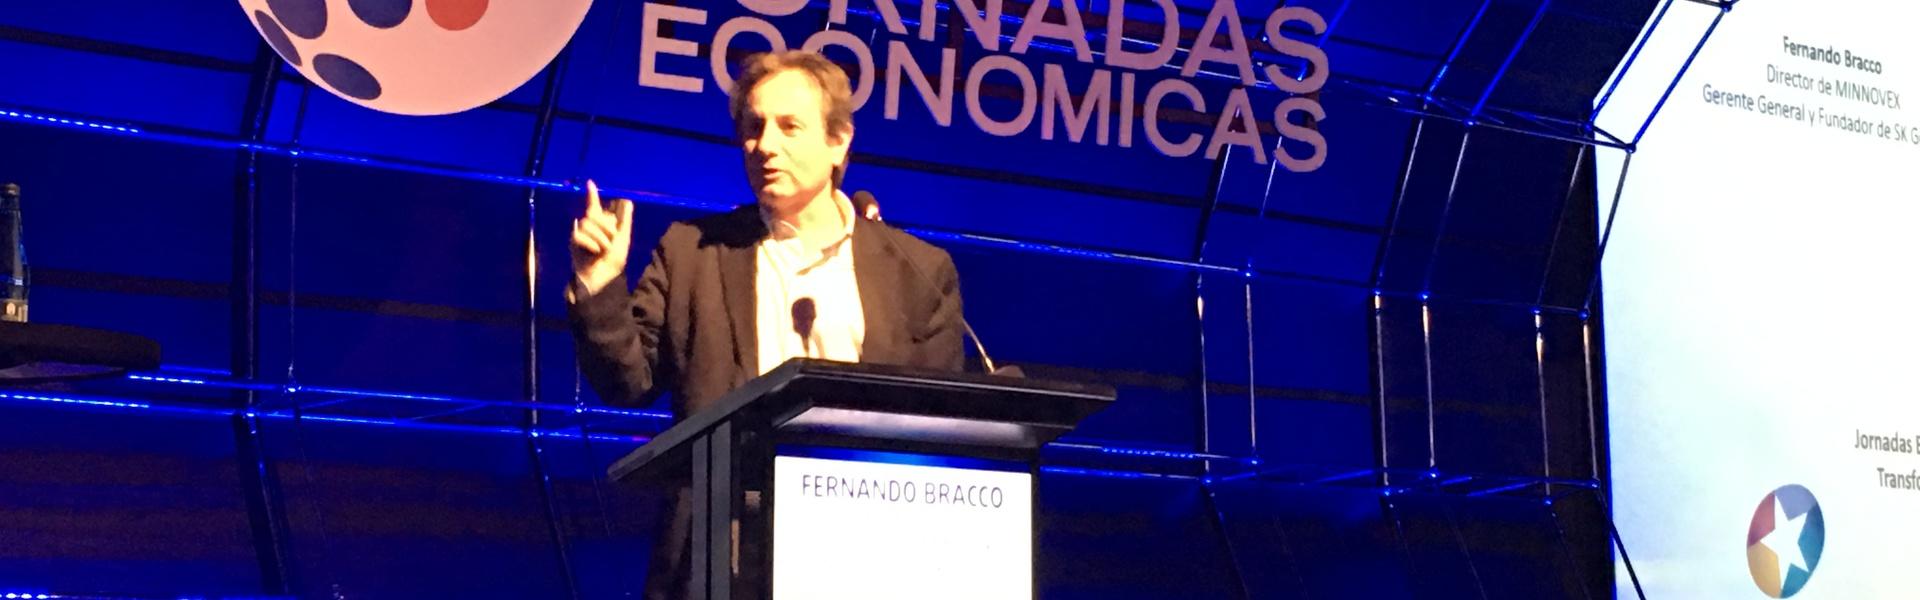 SK Godelius fue uno de los exponentes en las Jornadas económicas de Camchal sobre Industria 4.0, Robótica y Digitalización